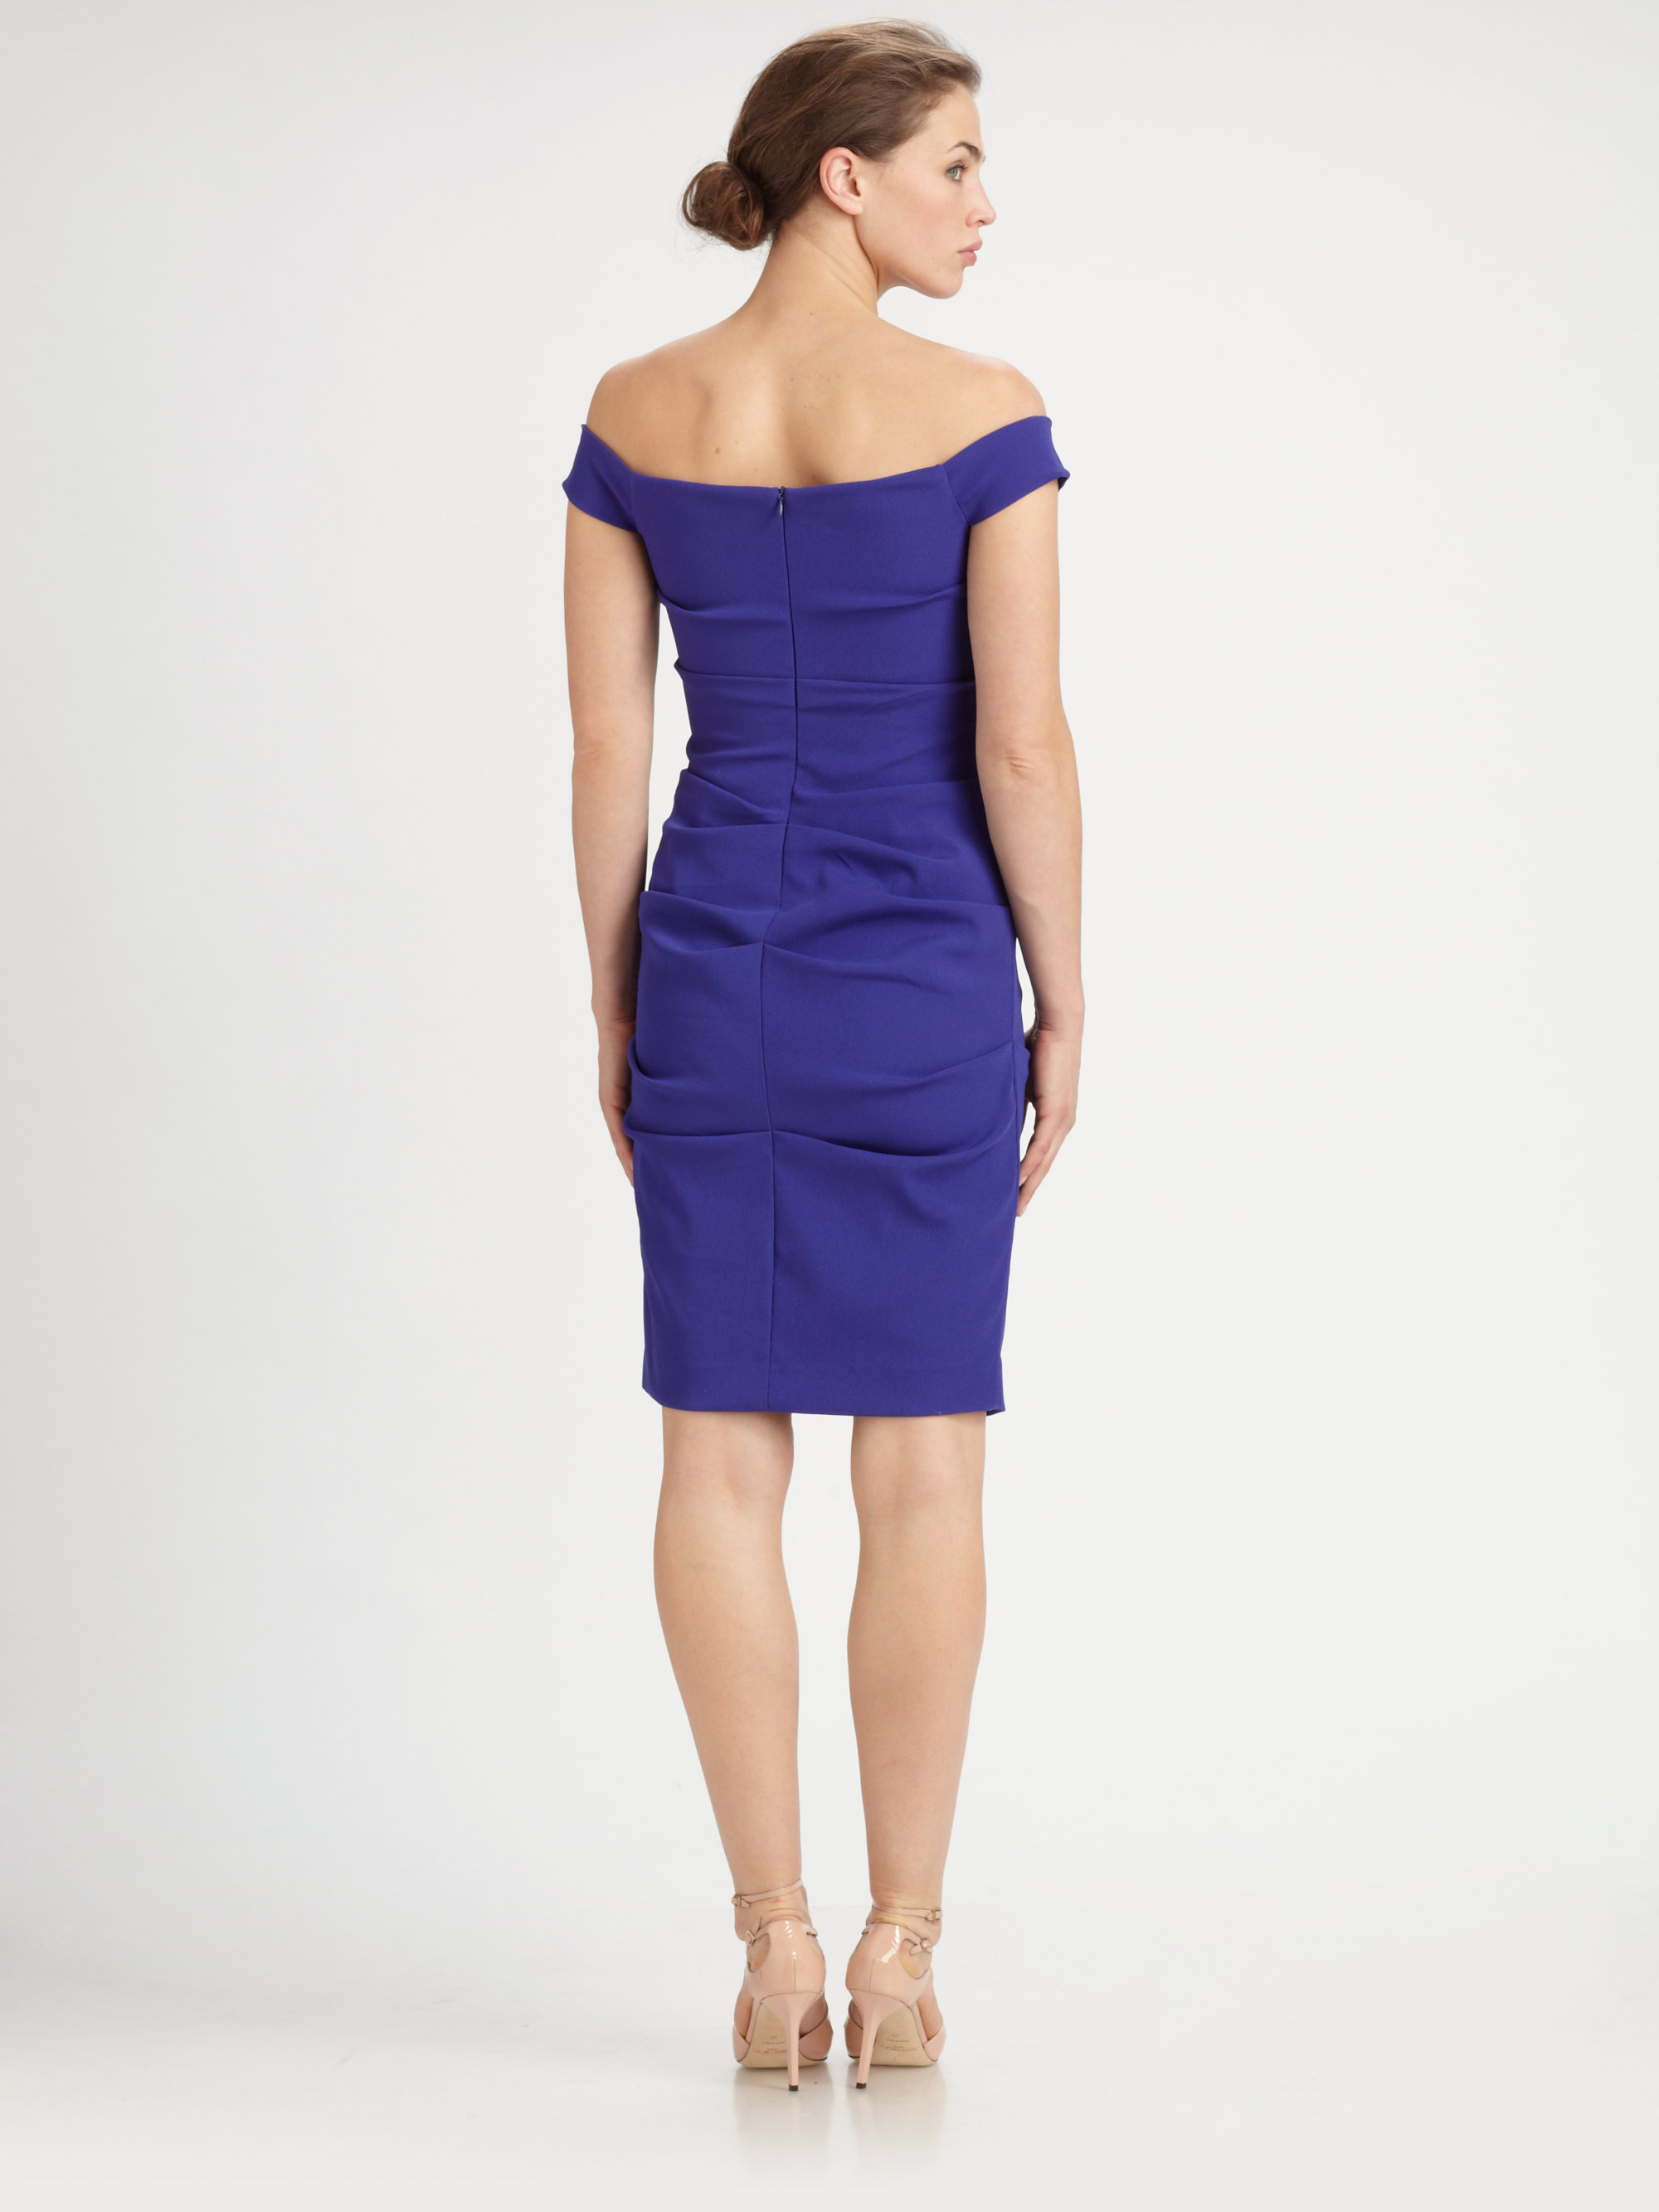 Nicole Miller Off Shoulder Dress Fashion Dresses